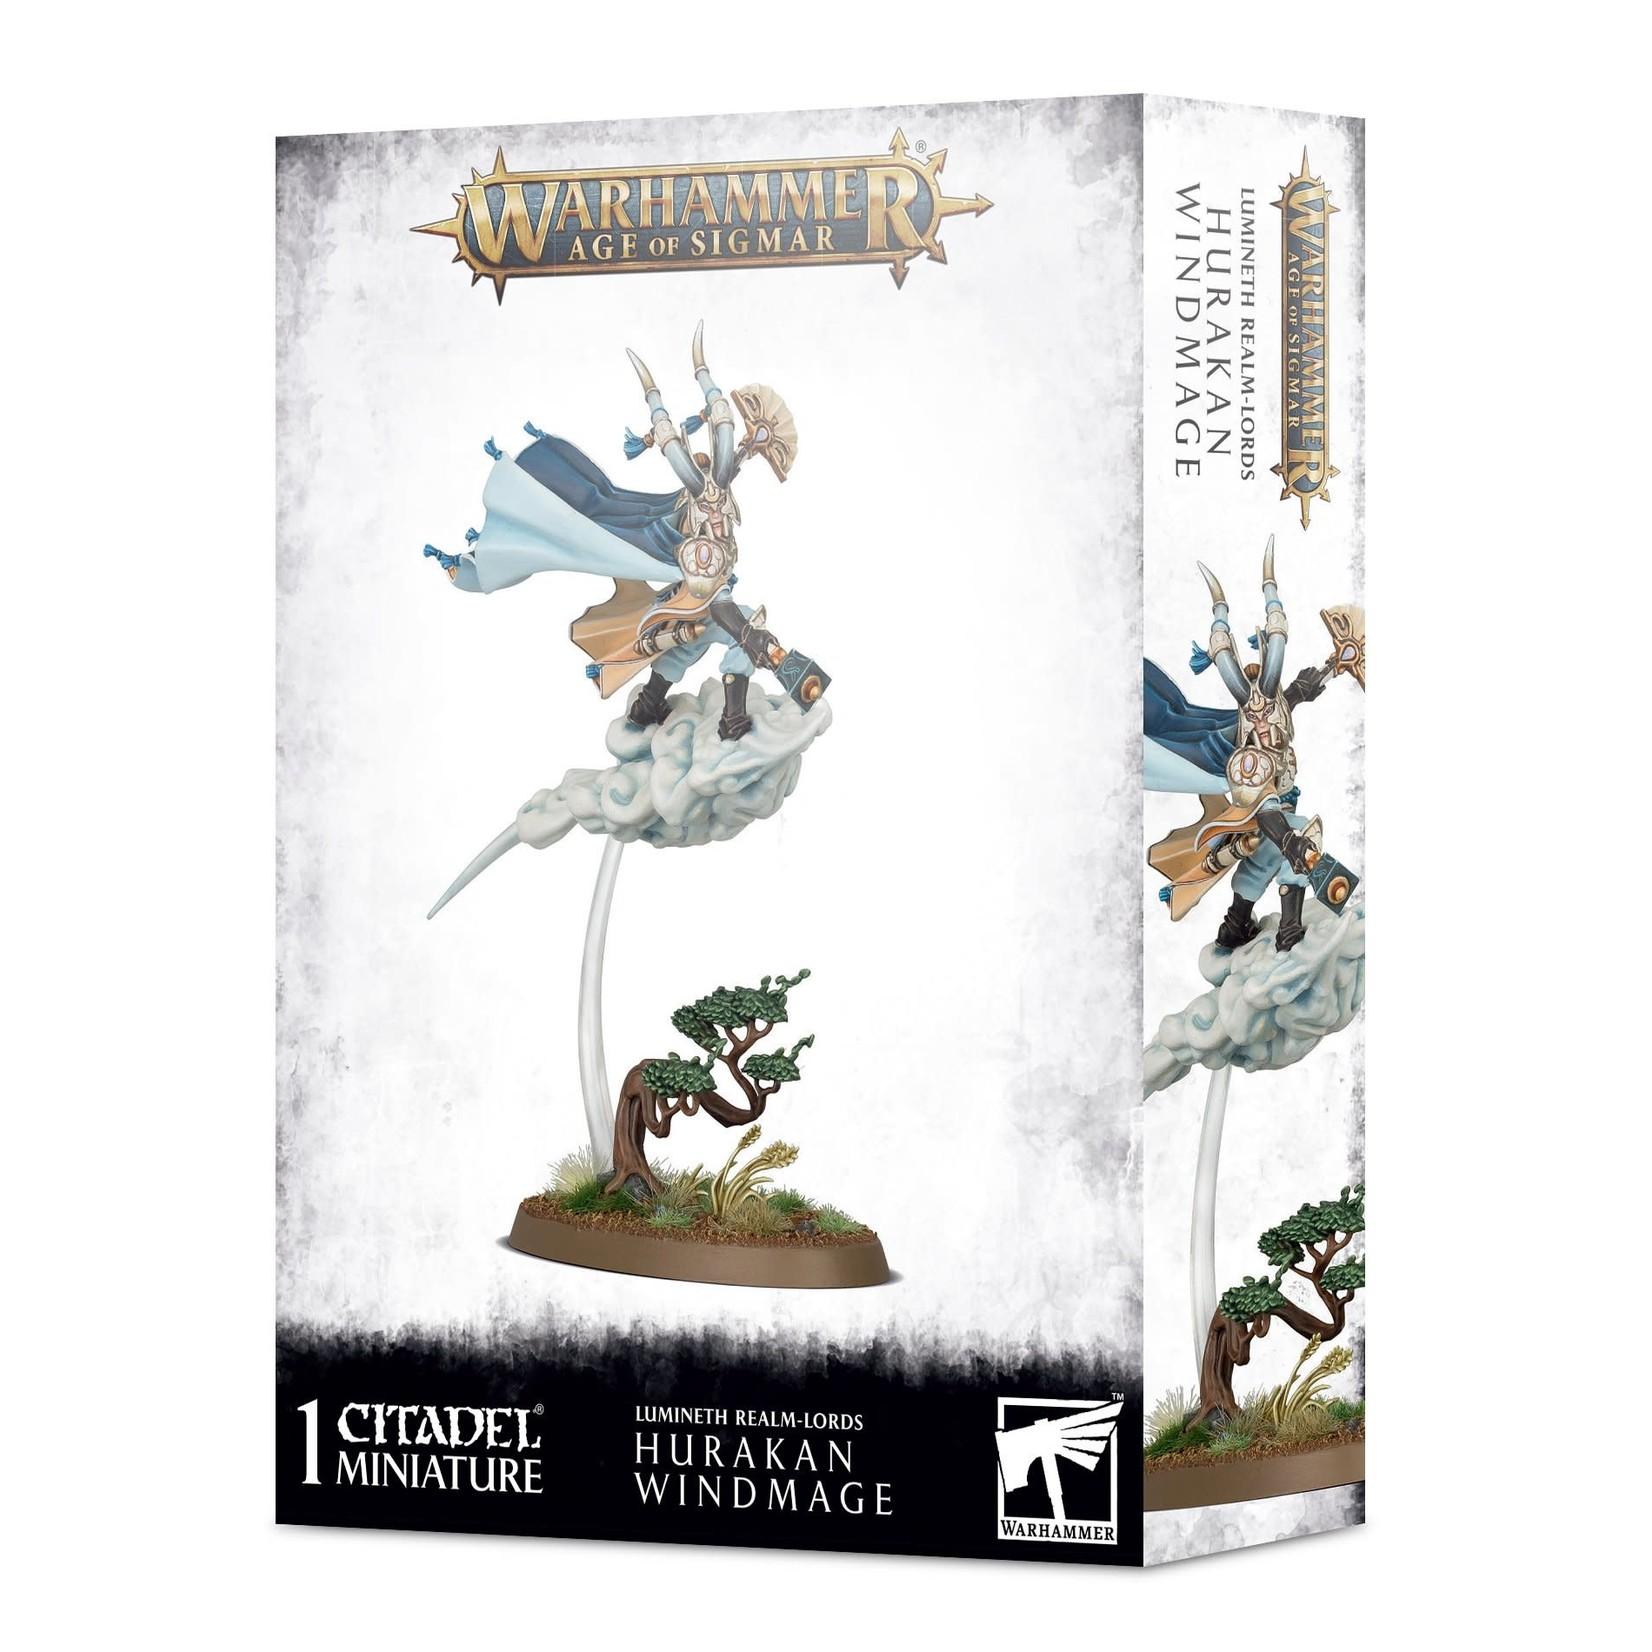 Lumineth Realm Lords Hurakan Windmage (AOS)